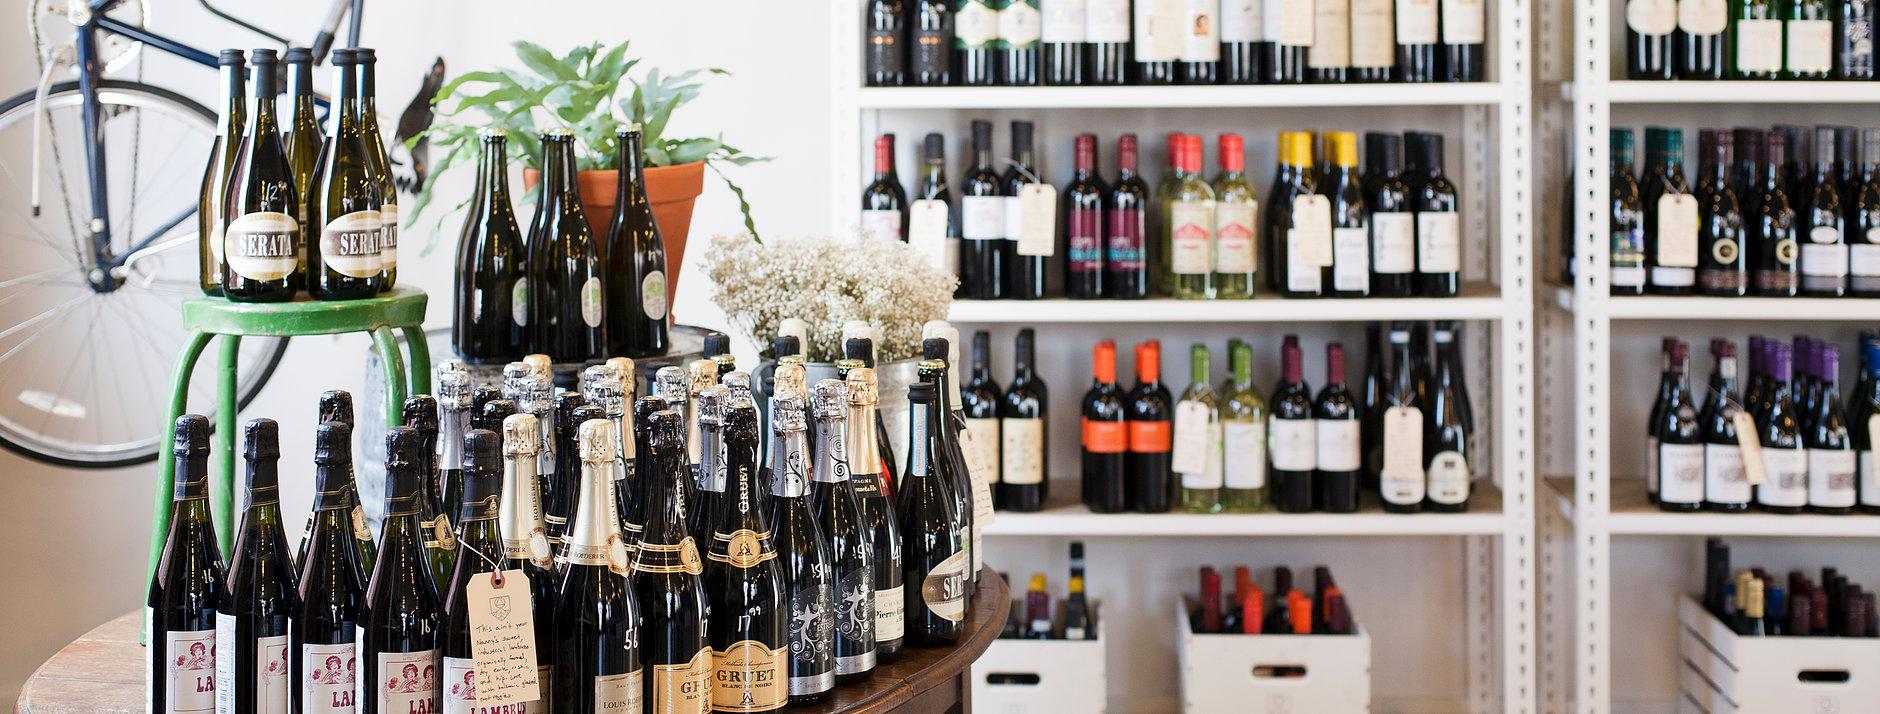 Kingston Wine Co Shop.jpg